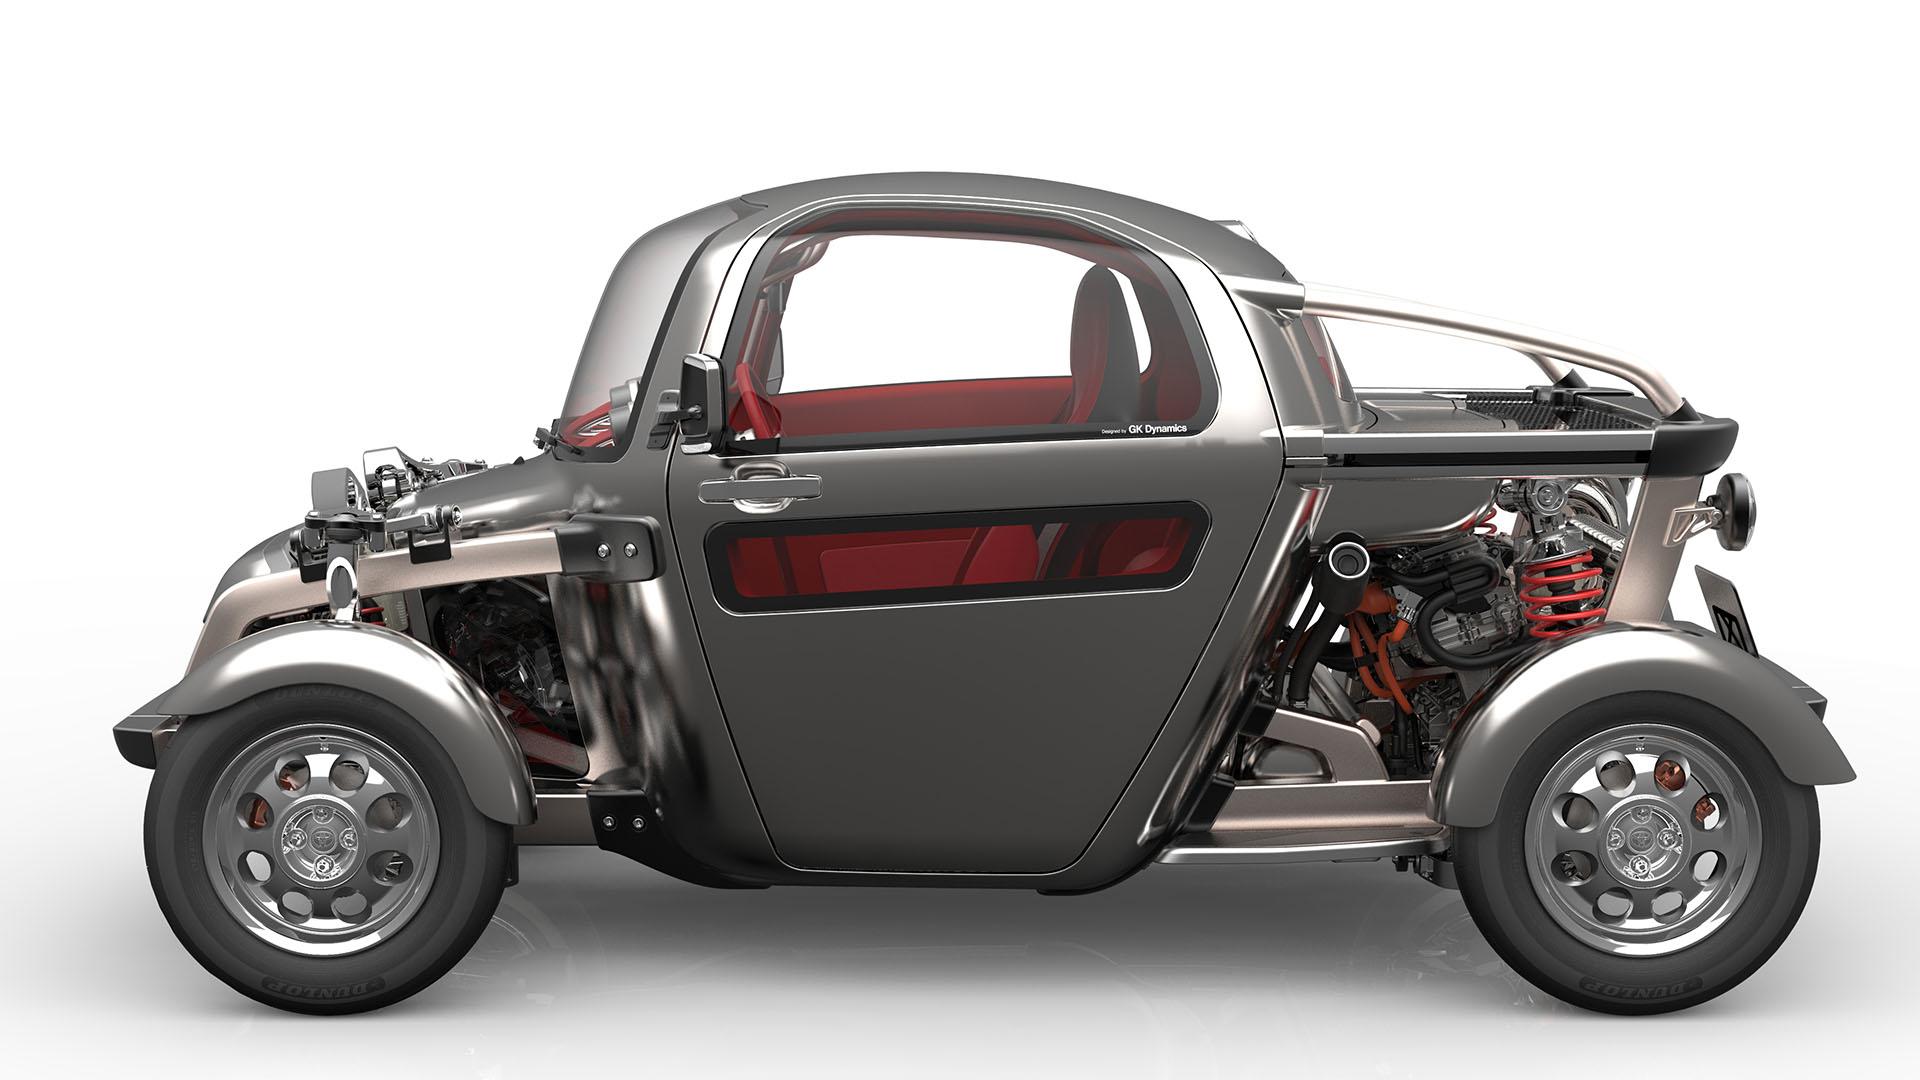 Toyota Kikai Concept 5 The News Wheel